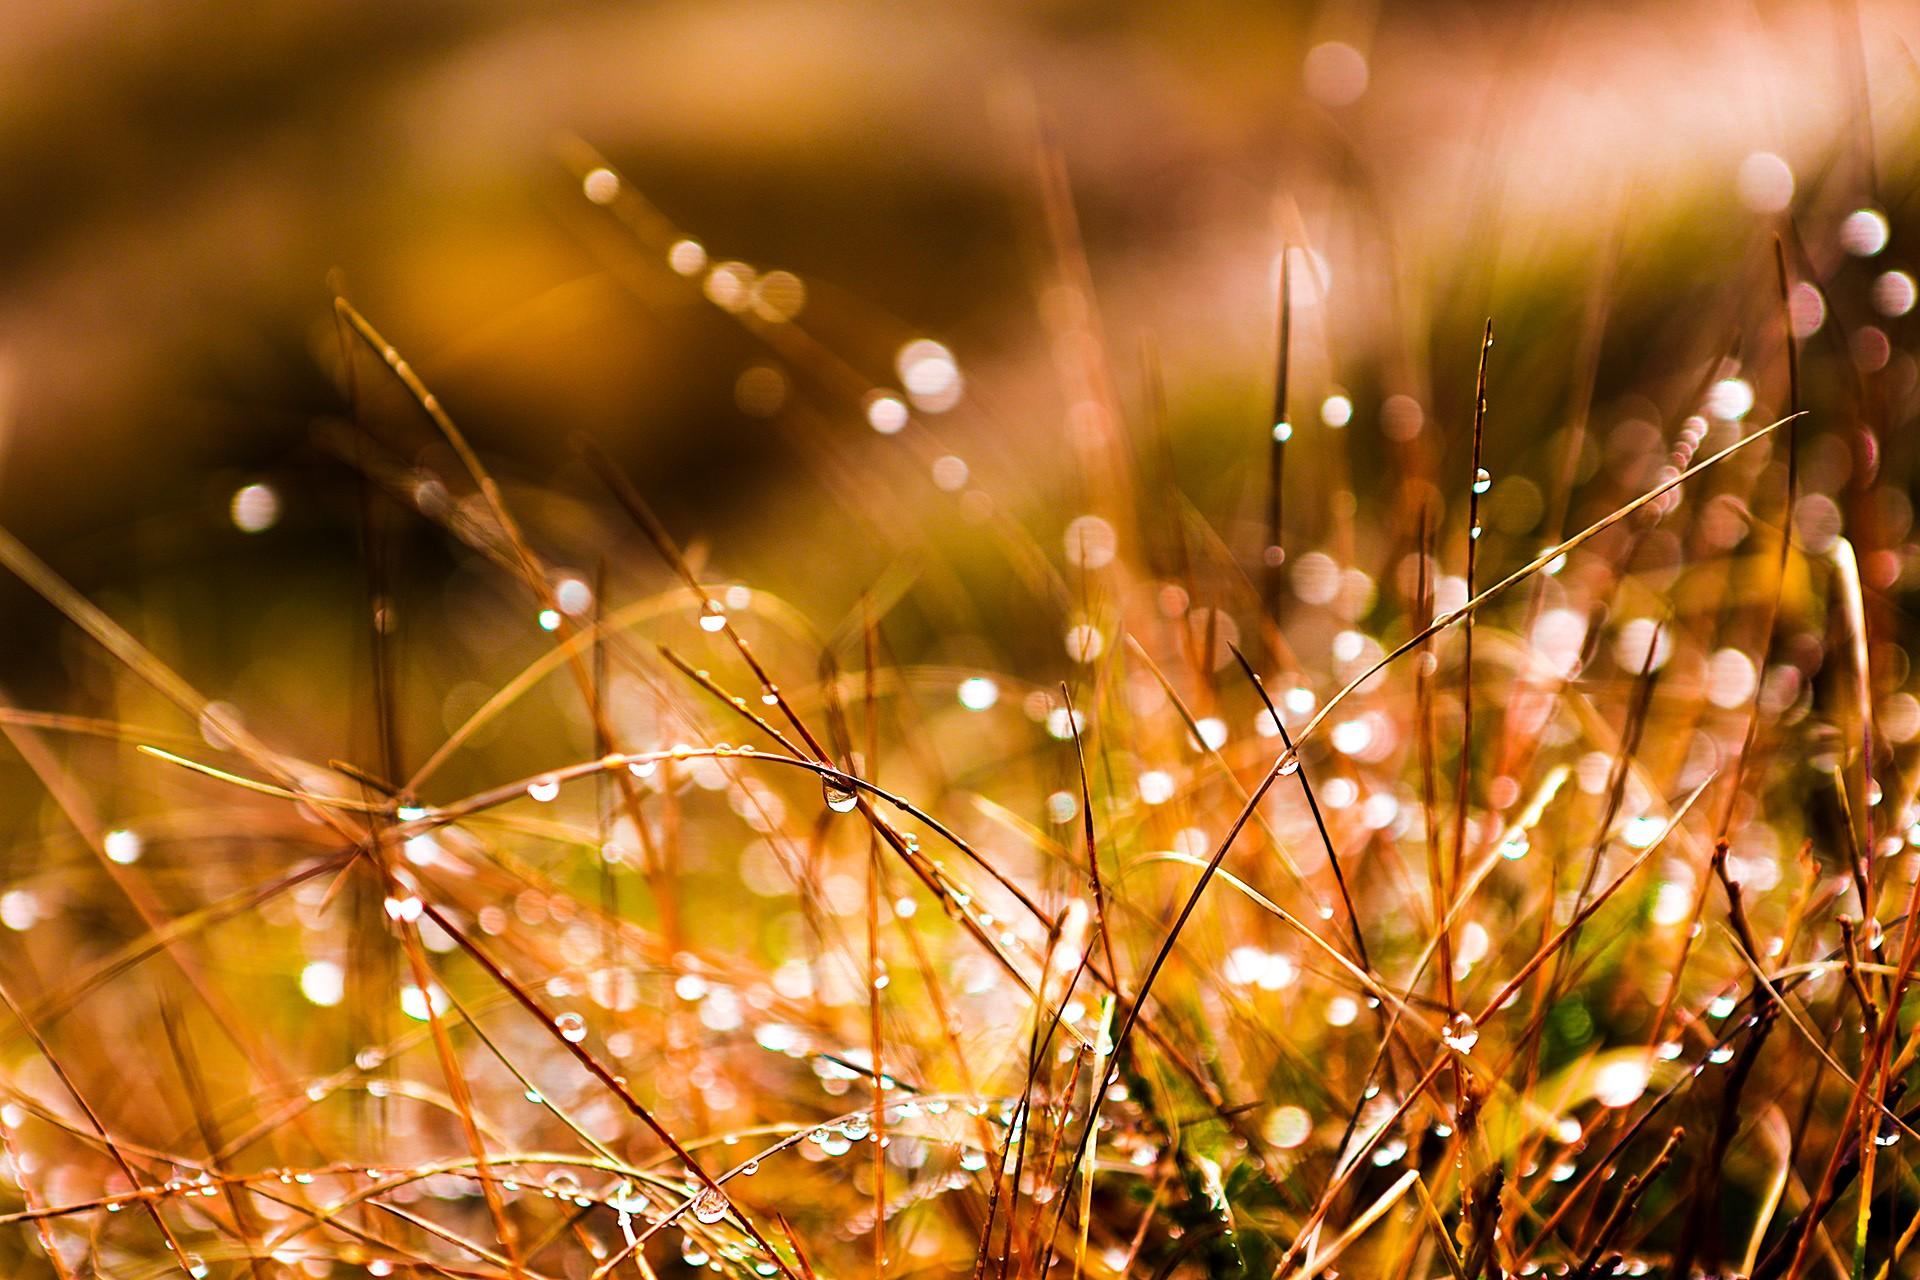 идей, как картинки роса и солнце полноты картины некоторые